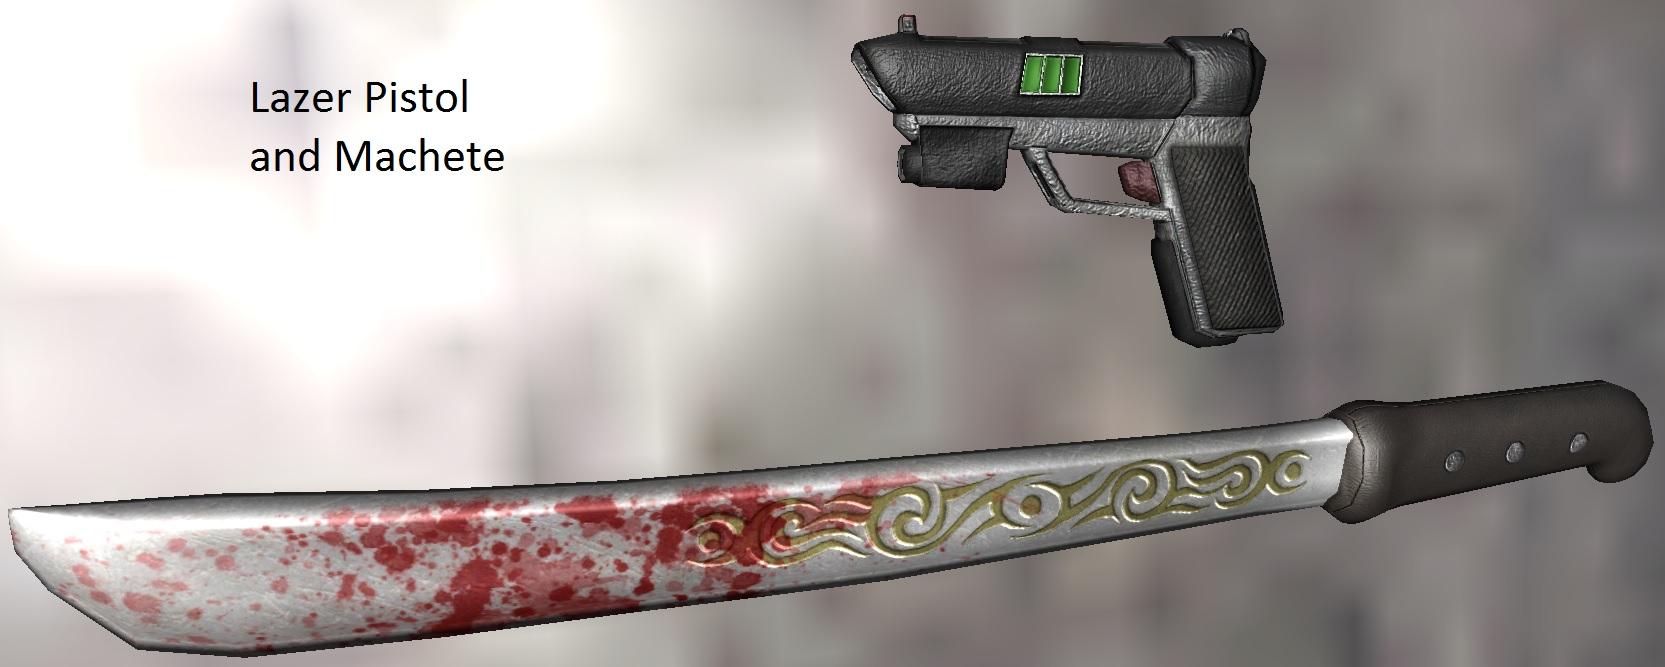 $pistol_and_Machete.jpg